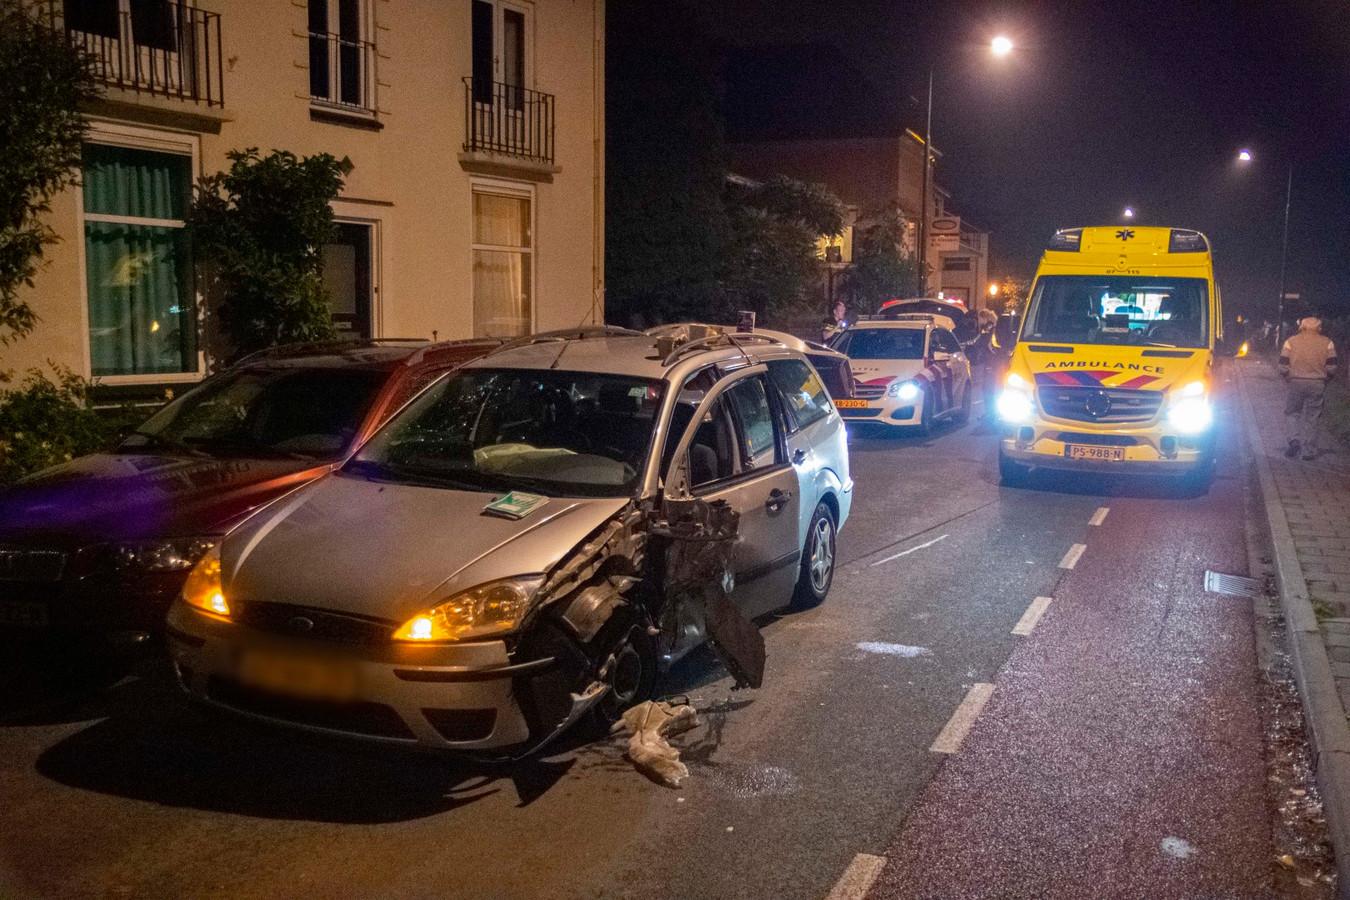 Een van de auto's kwam tegen een geparkeerde auto tot stilstand aan de Benedendorpsweg in Oosterbeek.